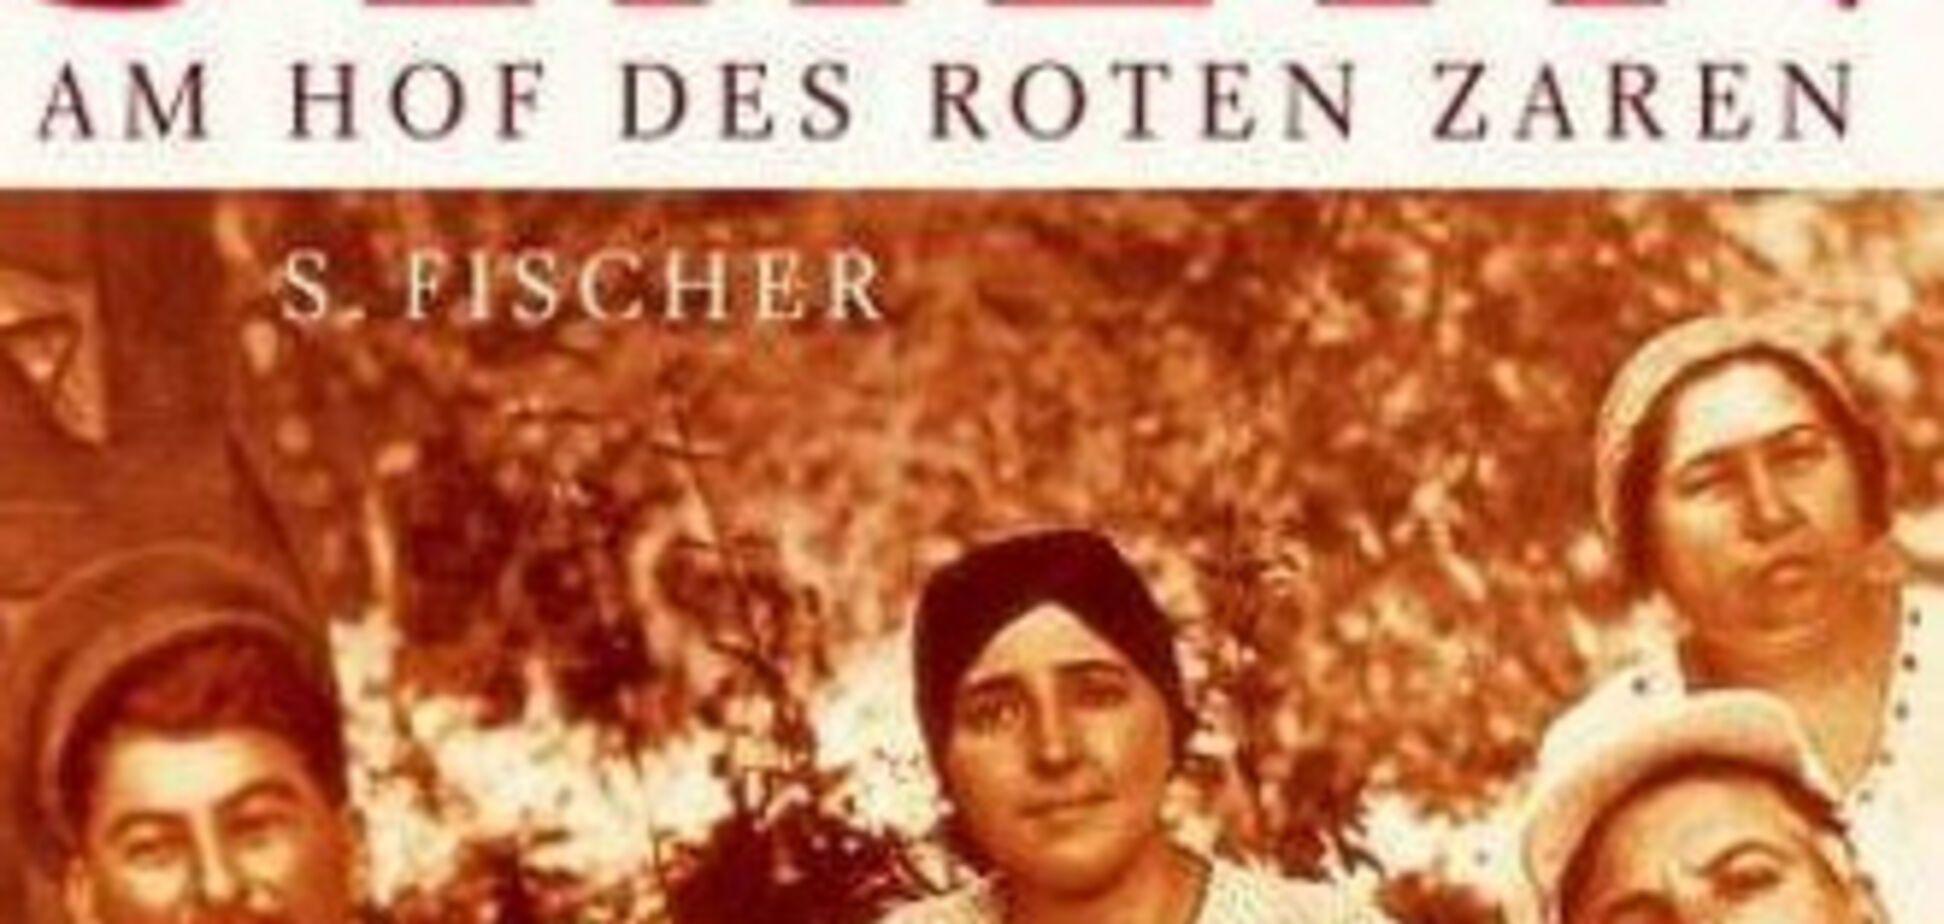 Меркель взяла почитати на відпочинку біографію Сталіна